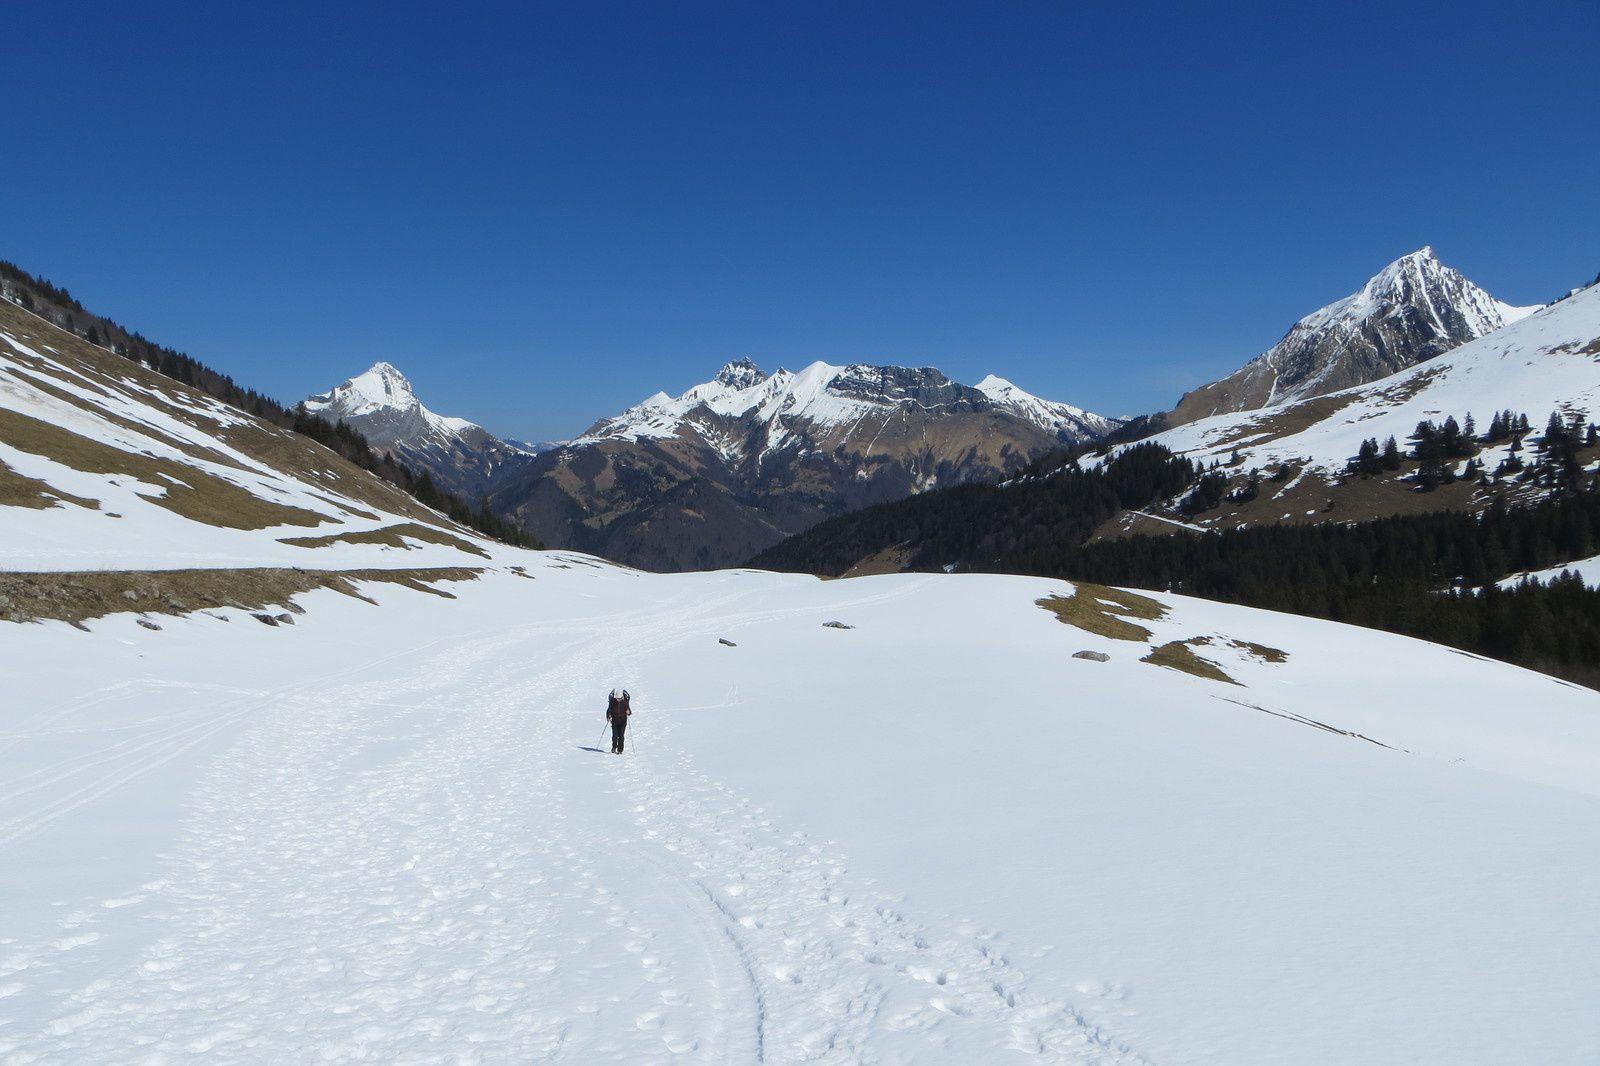 Vallon d'Arclusaz - Mont Trélod - Pointe d'Arcalod - Mont Pécloz